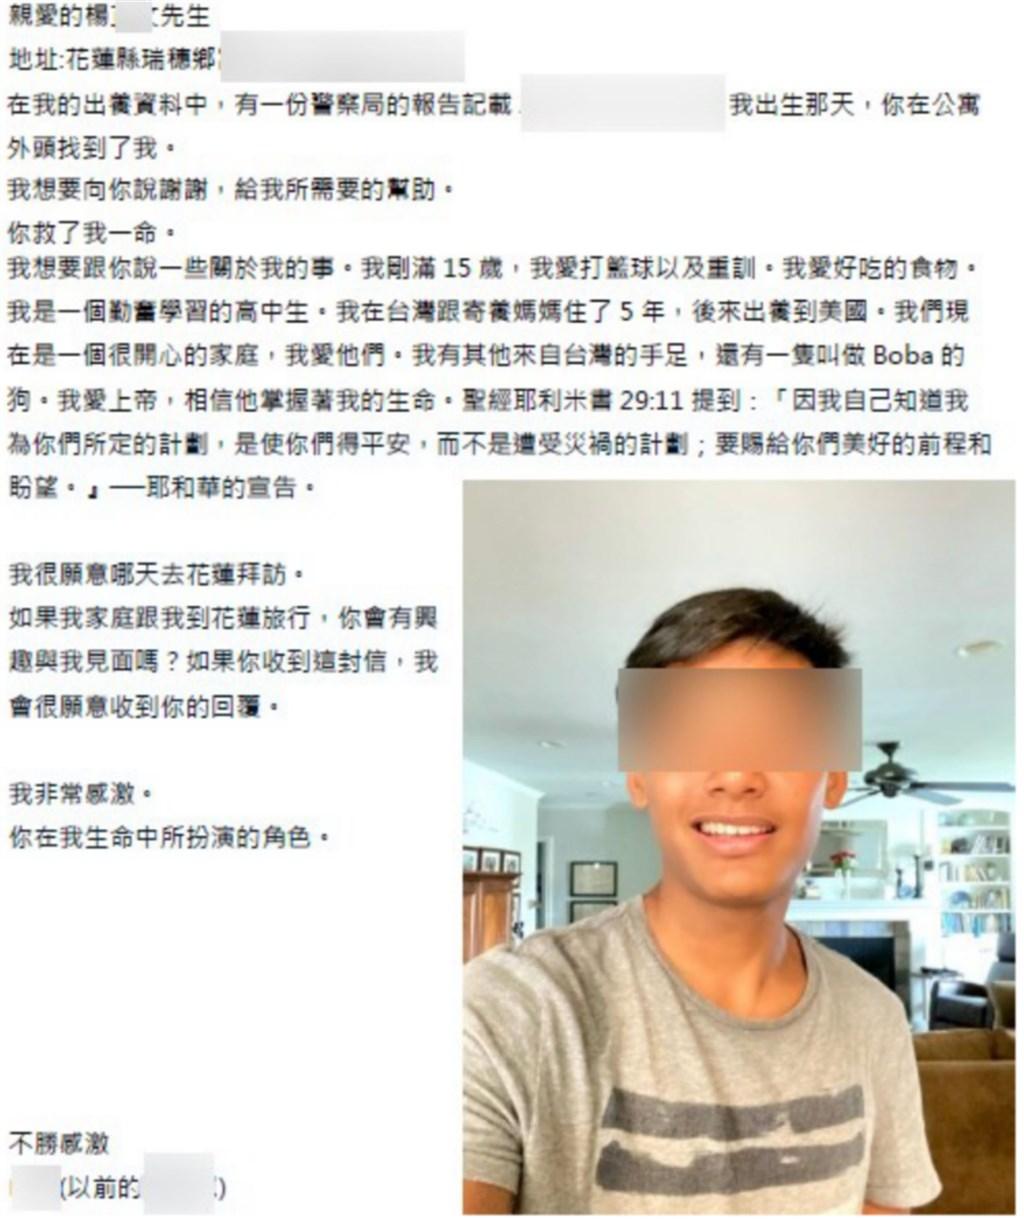 15歲台裔美籍少年山姆(Sam)想找尋當年撿到他的救命恩人,透過台灣的社福機構找當時受理的派出所,這封感謝信由警方替他轉達。(鳳林警分局提供)中央社記者張祈傳真 110年1月6日